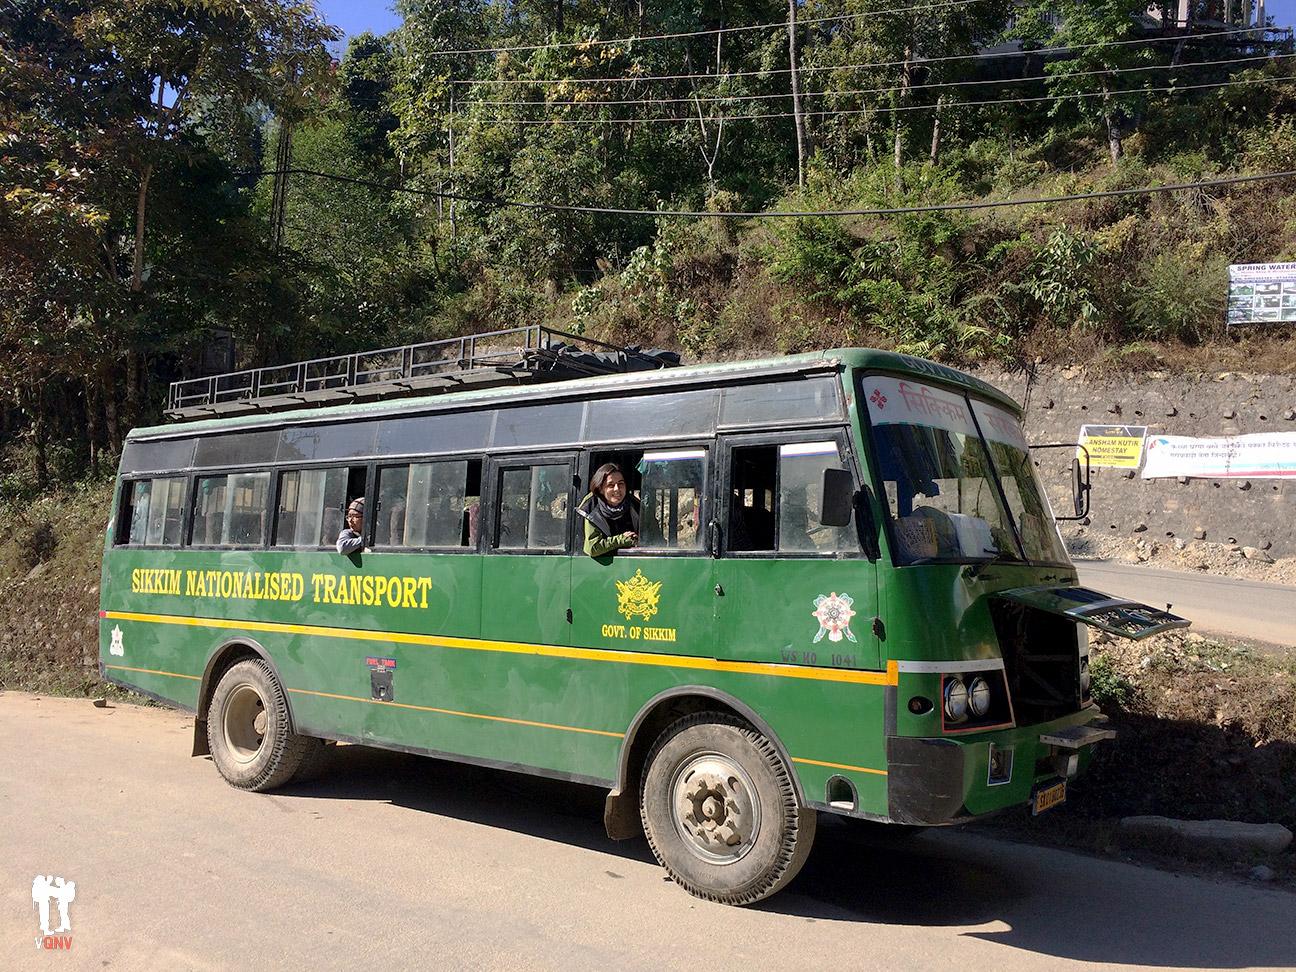 Autobús del Sikkim enfriando motor